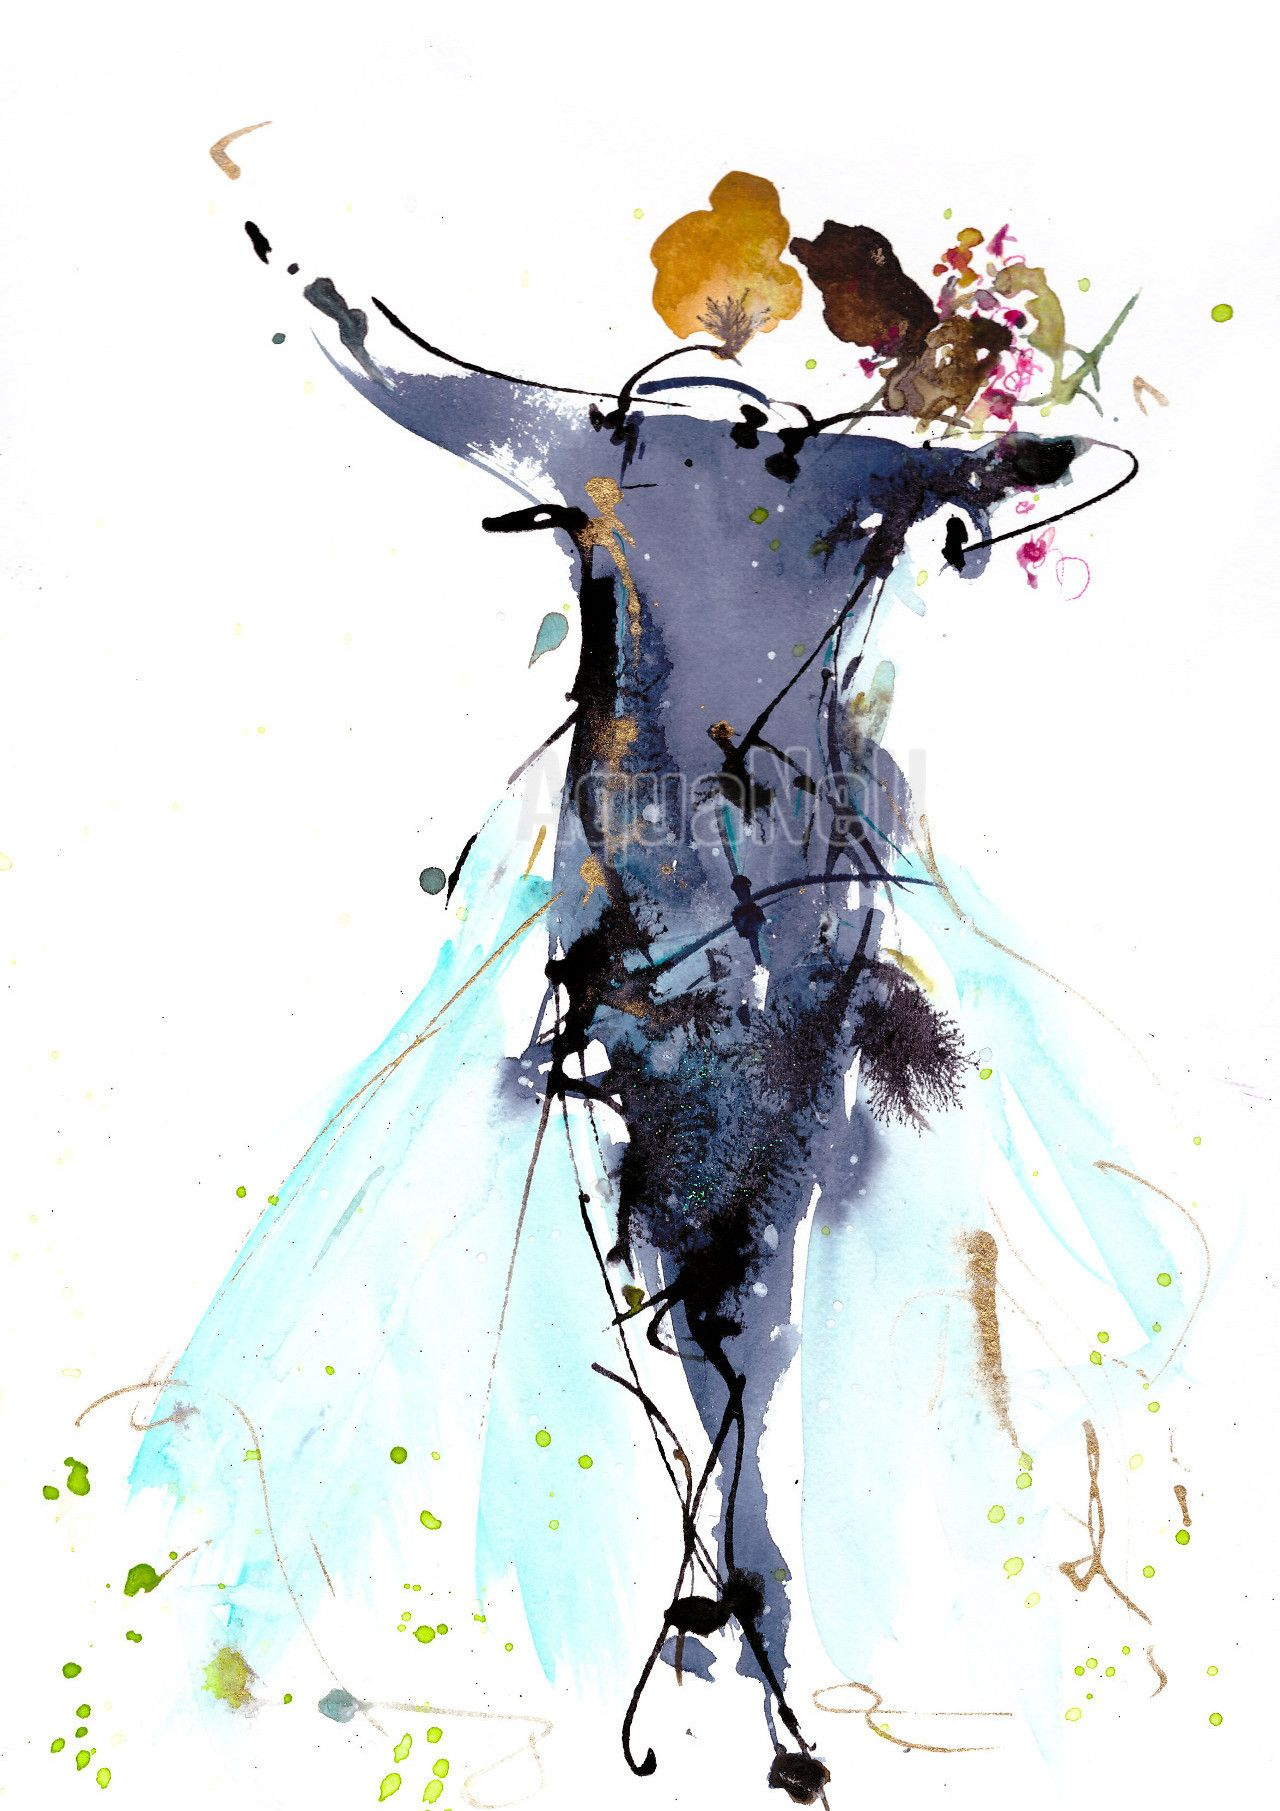 Peinture Aquarelle Mariage Pour Decorer Vos Faire Part Ouverture